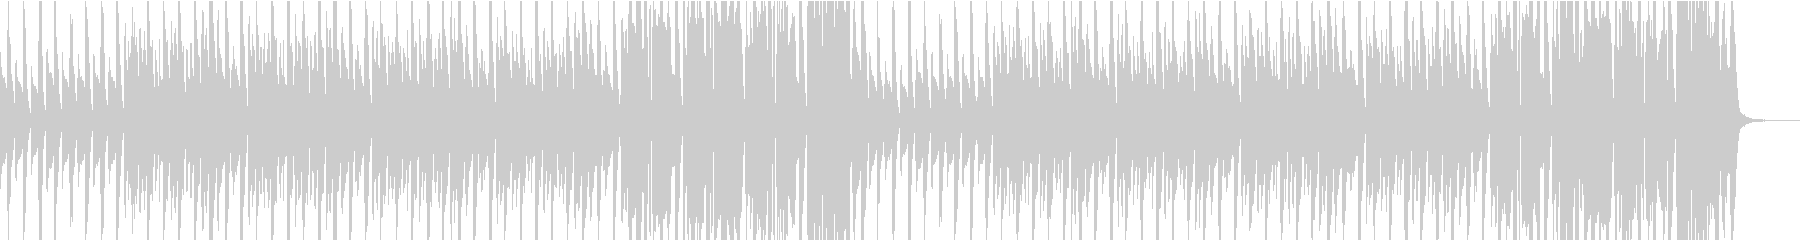 ほのぼのしてかわいいマリンバのBGMの未再生の波形